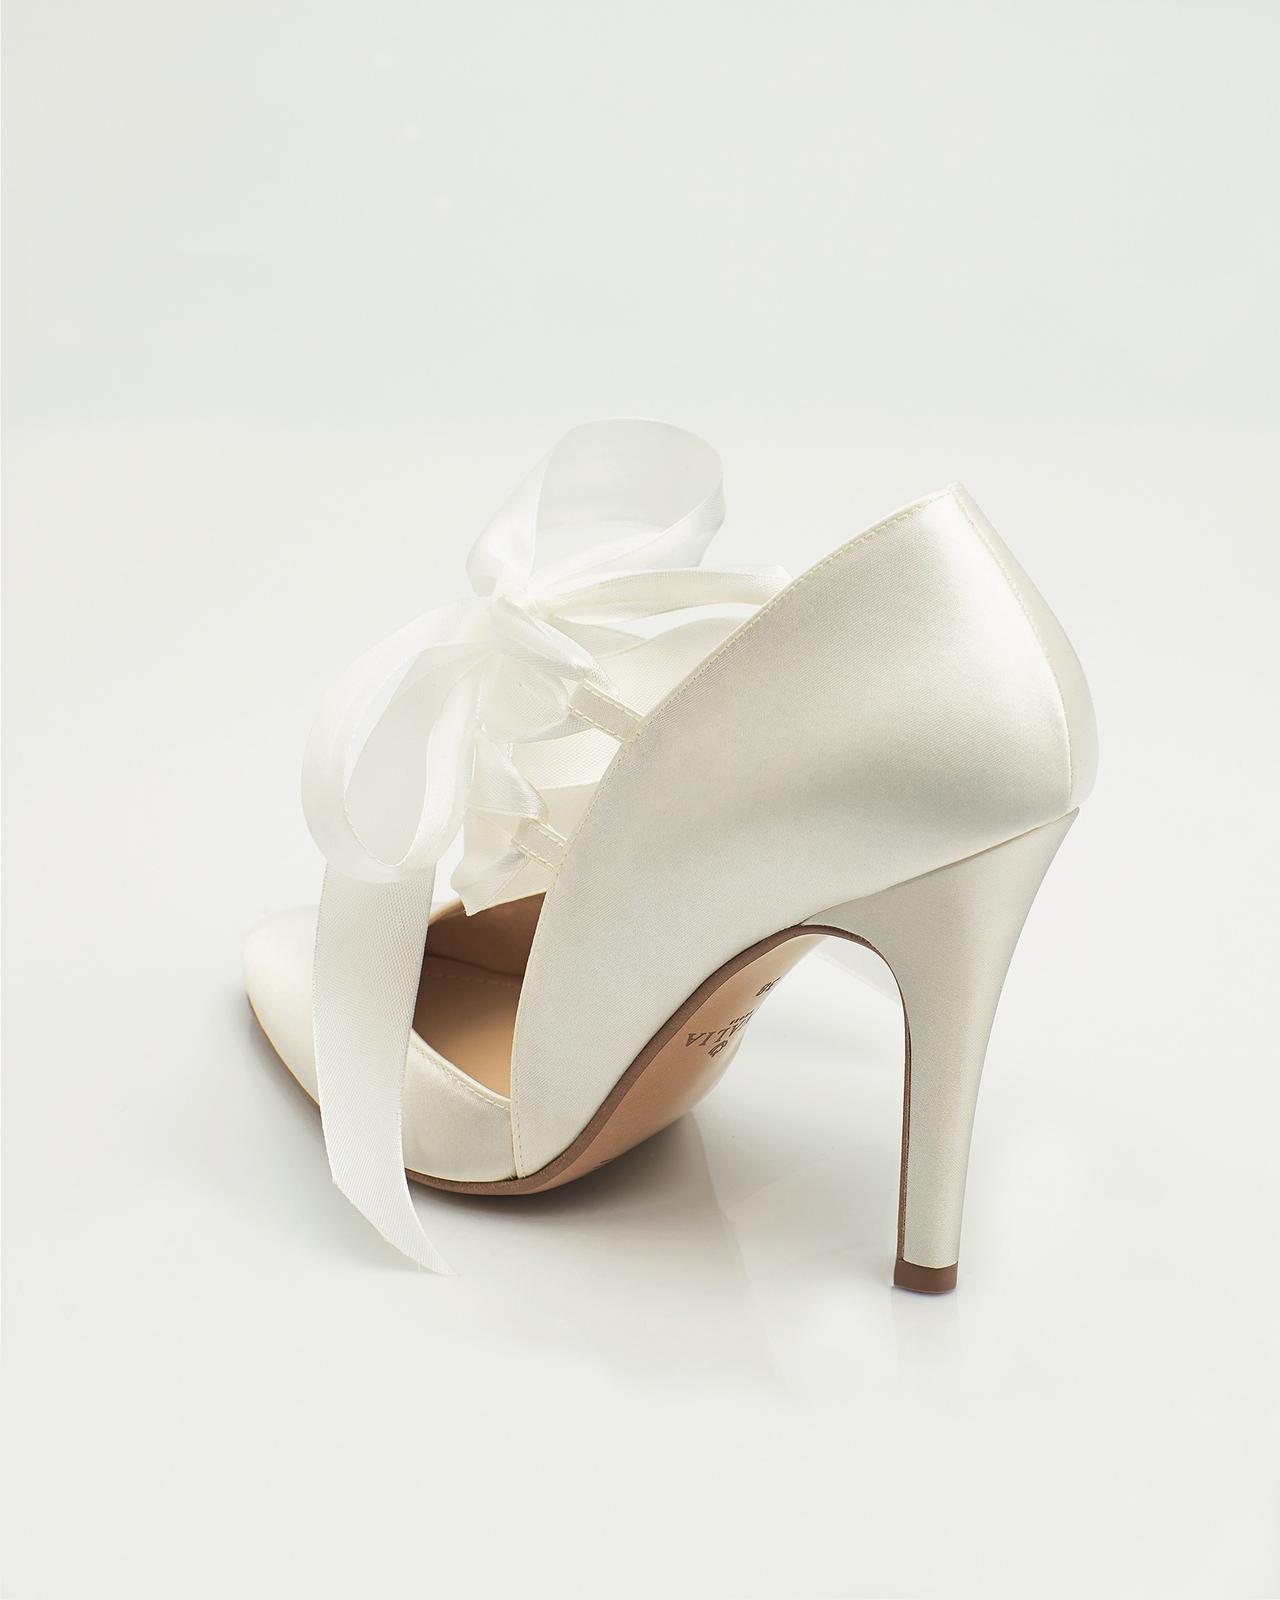 Svadobné topánky Gigi - Obrázok č. 2